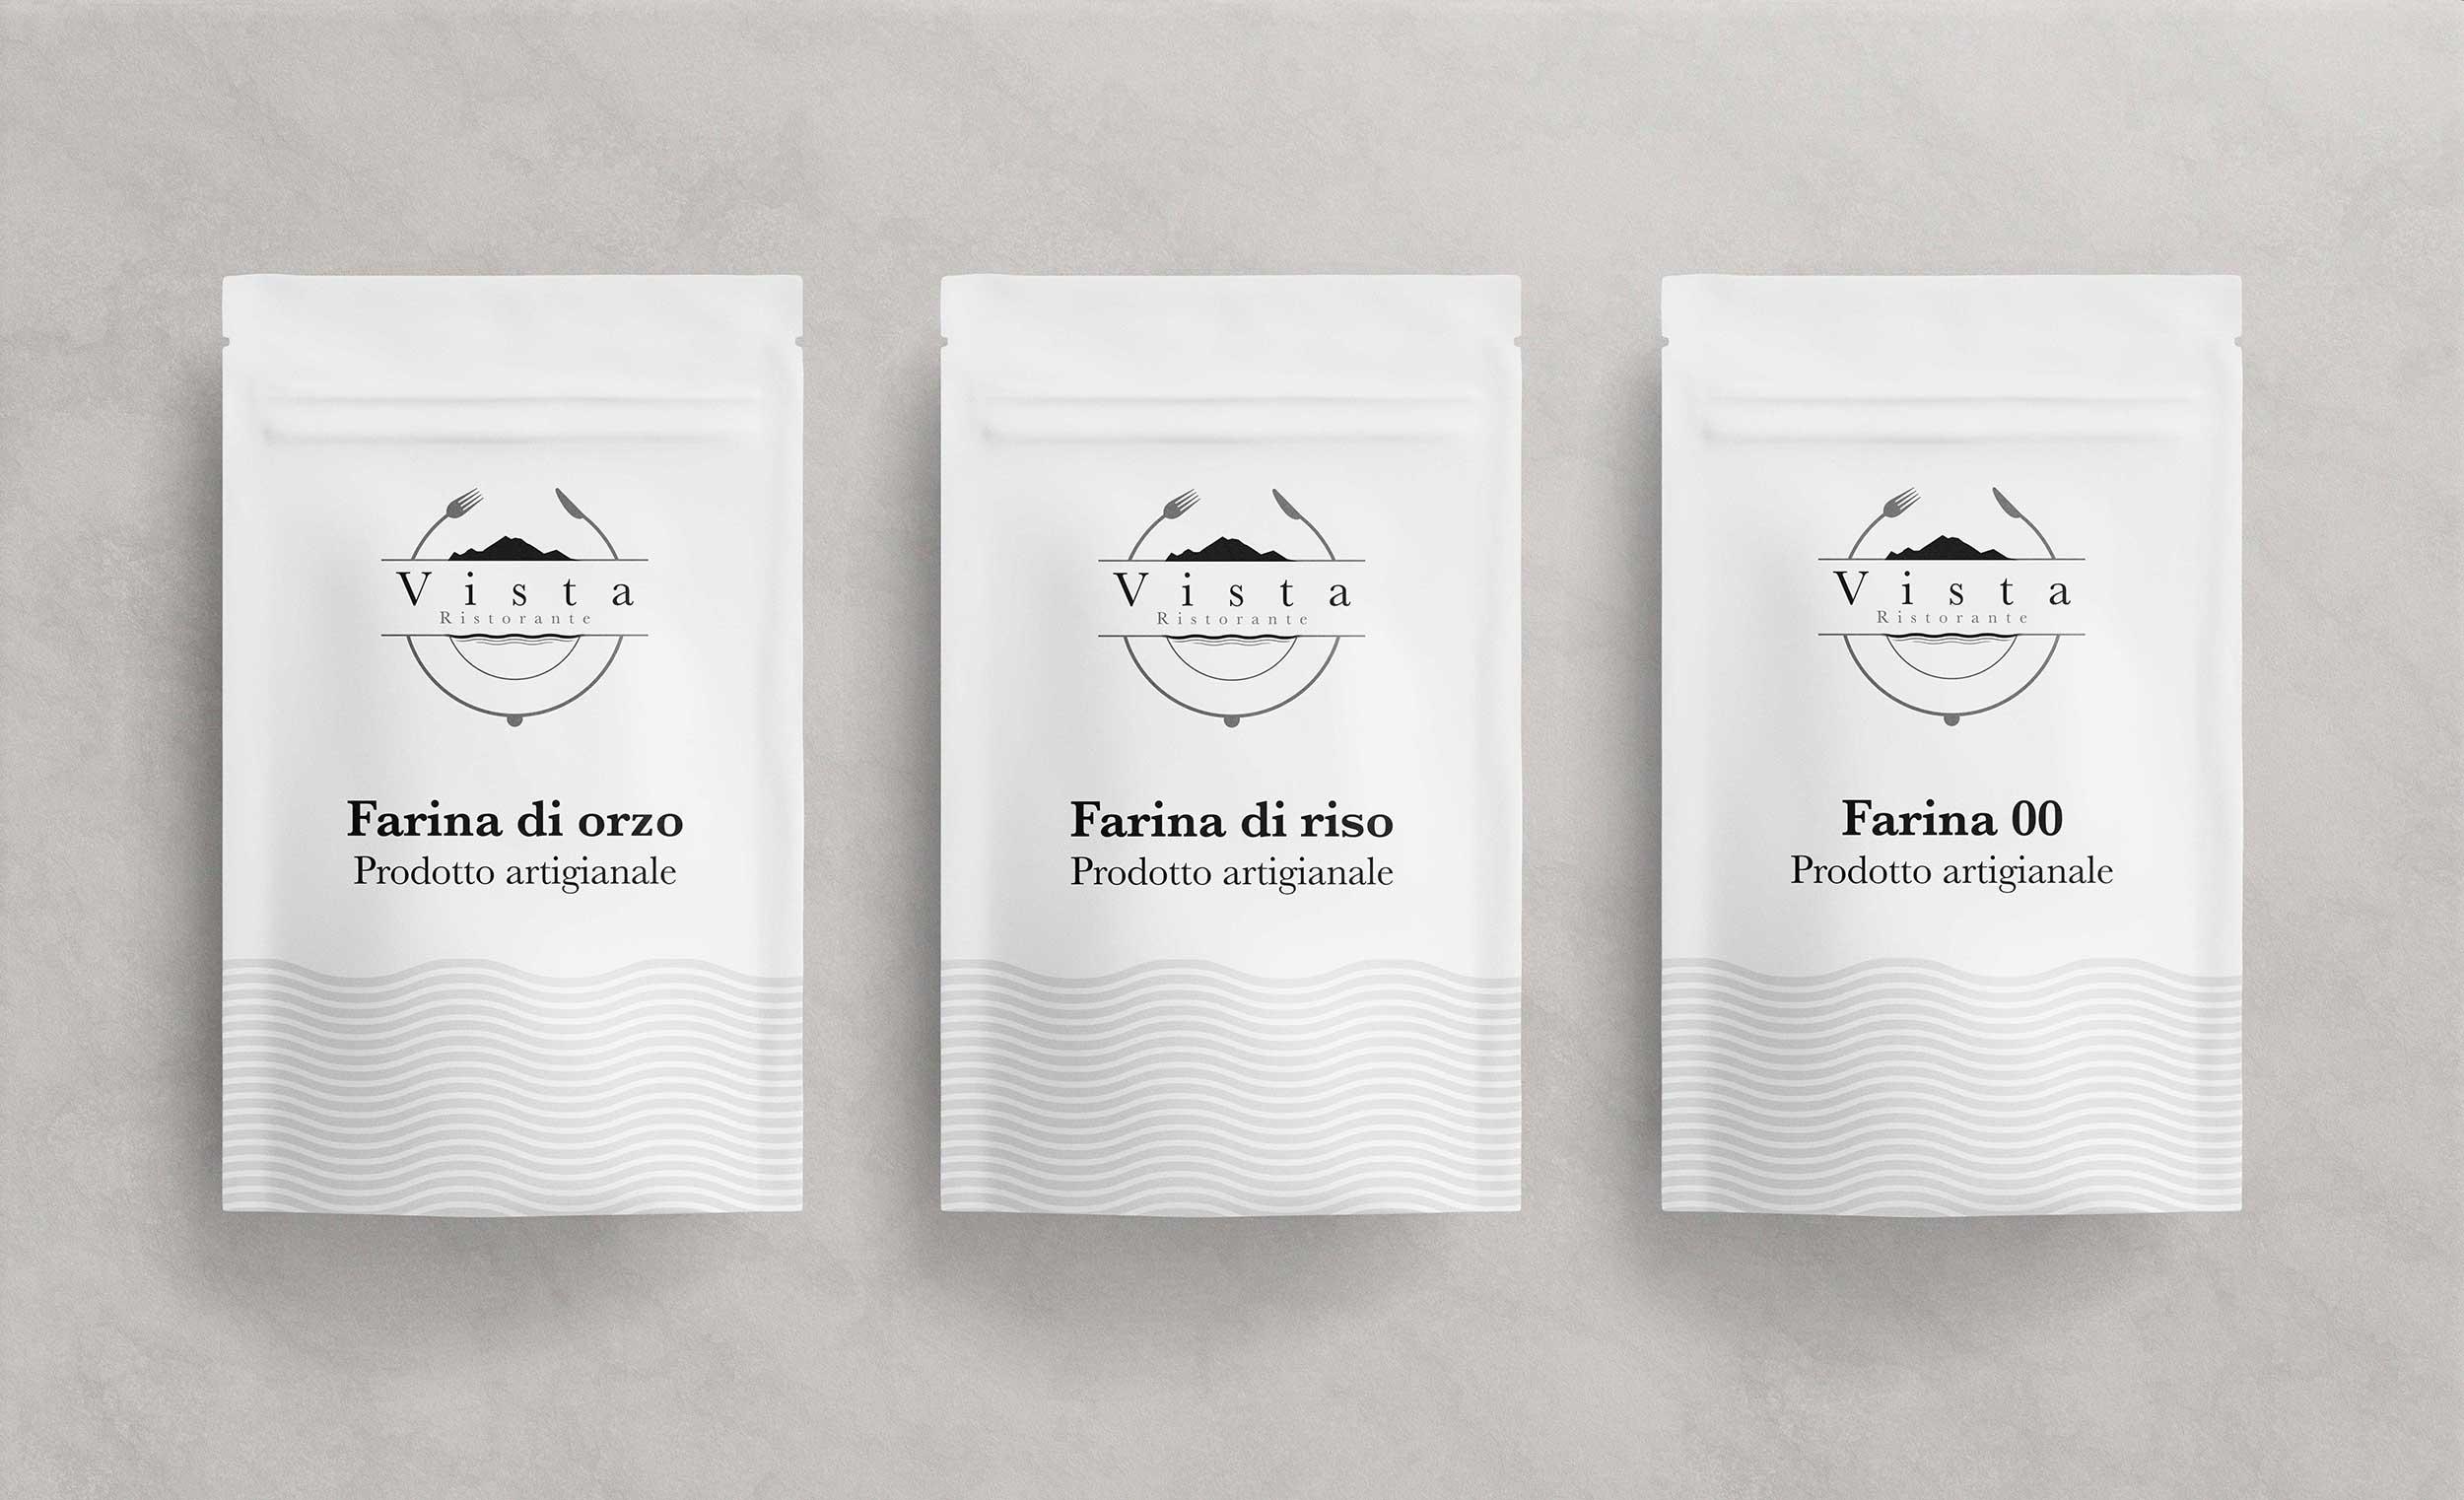 tre packaging bianchi con logo e brand identity design di Vista Ristorante di tre tipi di farina artigianale su sfondo grigio chiaro